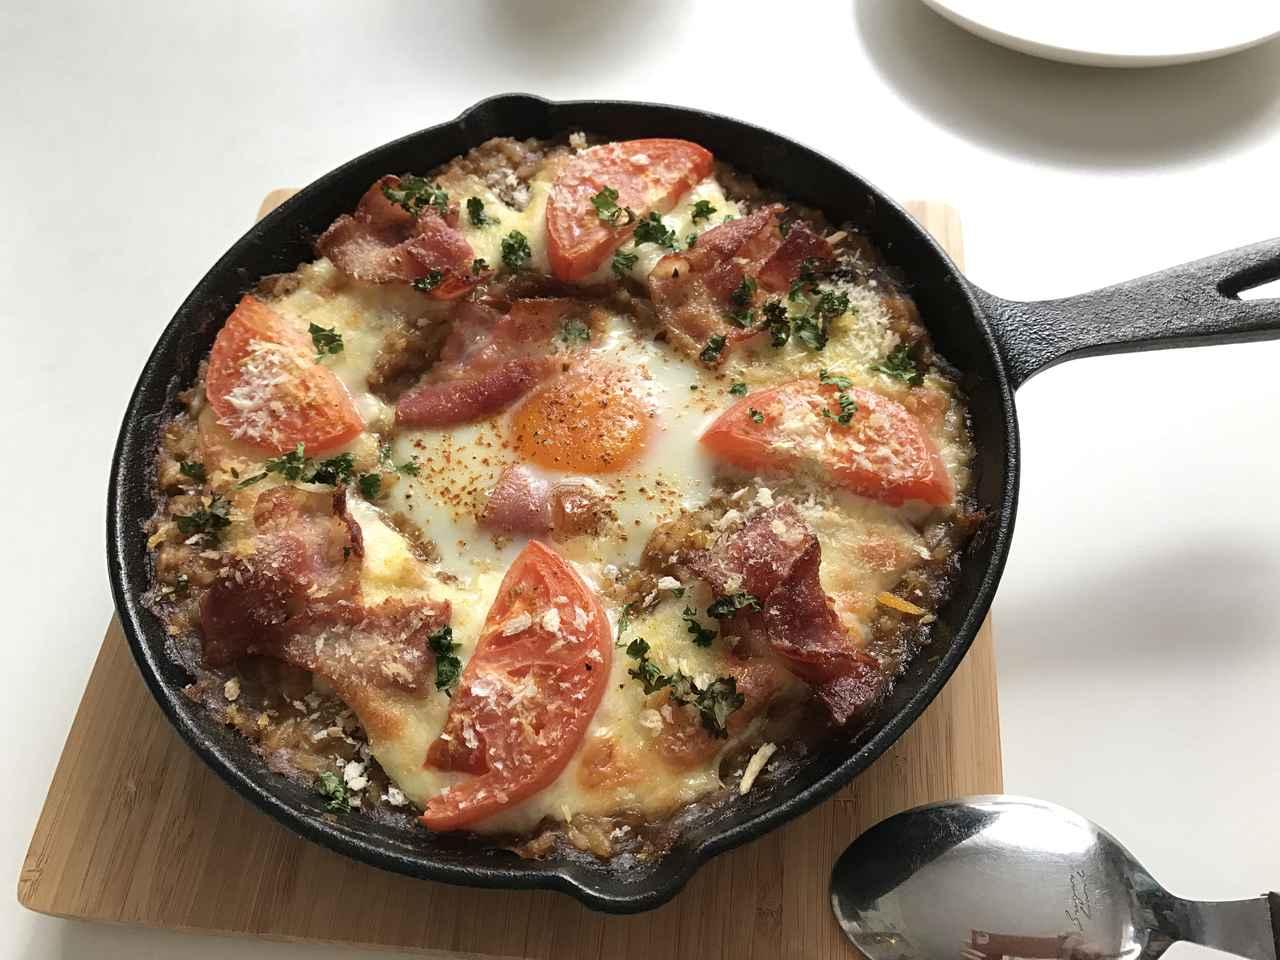 画像1: 【レシピ公開】おすすめの蓋付きスキレットや選び方・料理を紹介 シーズニングも解説